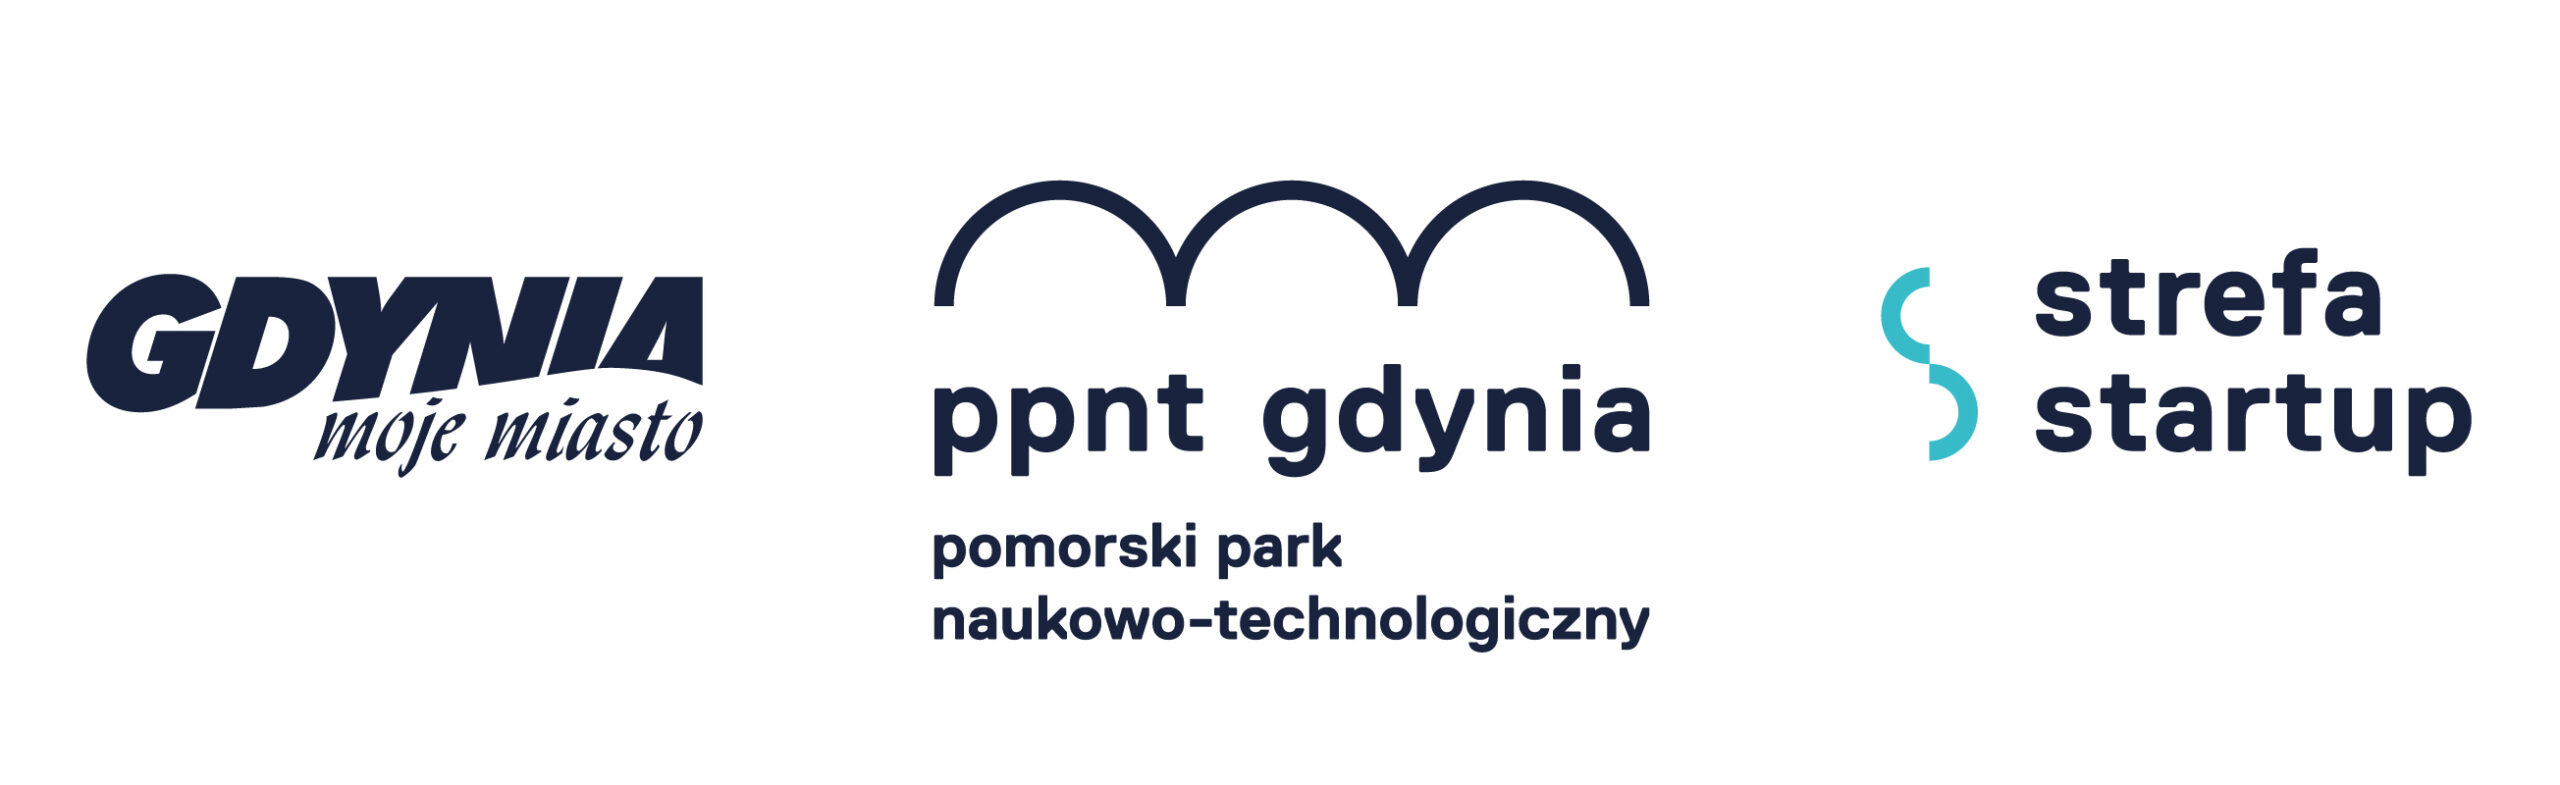 Gdynia_PPNT_STARTUP-2018-kolor-jpg